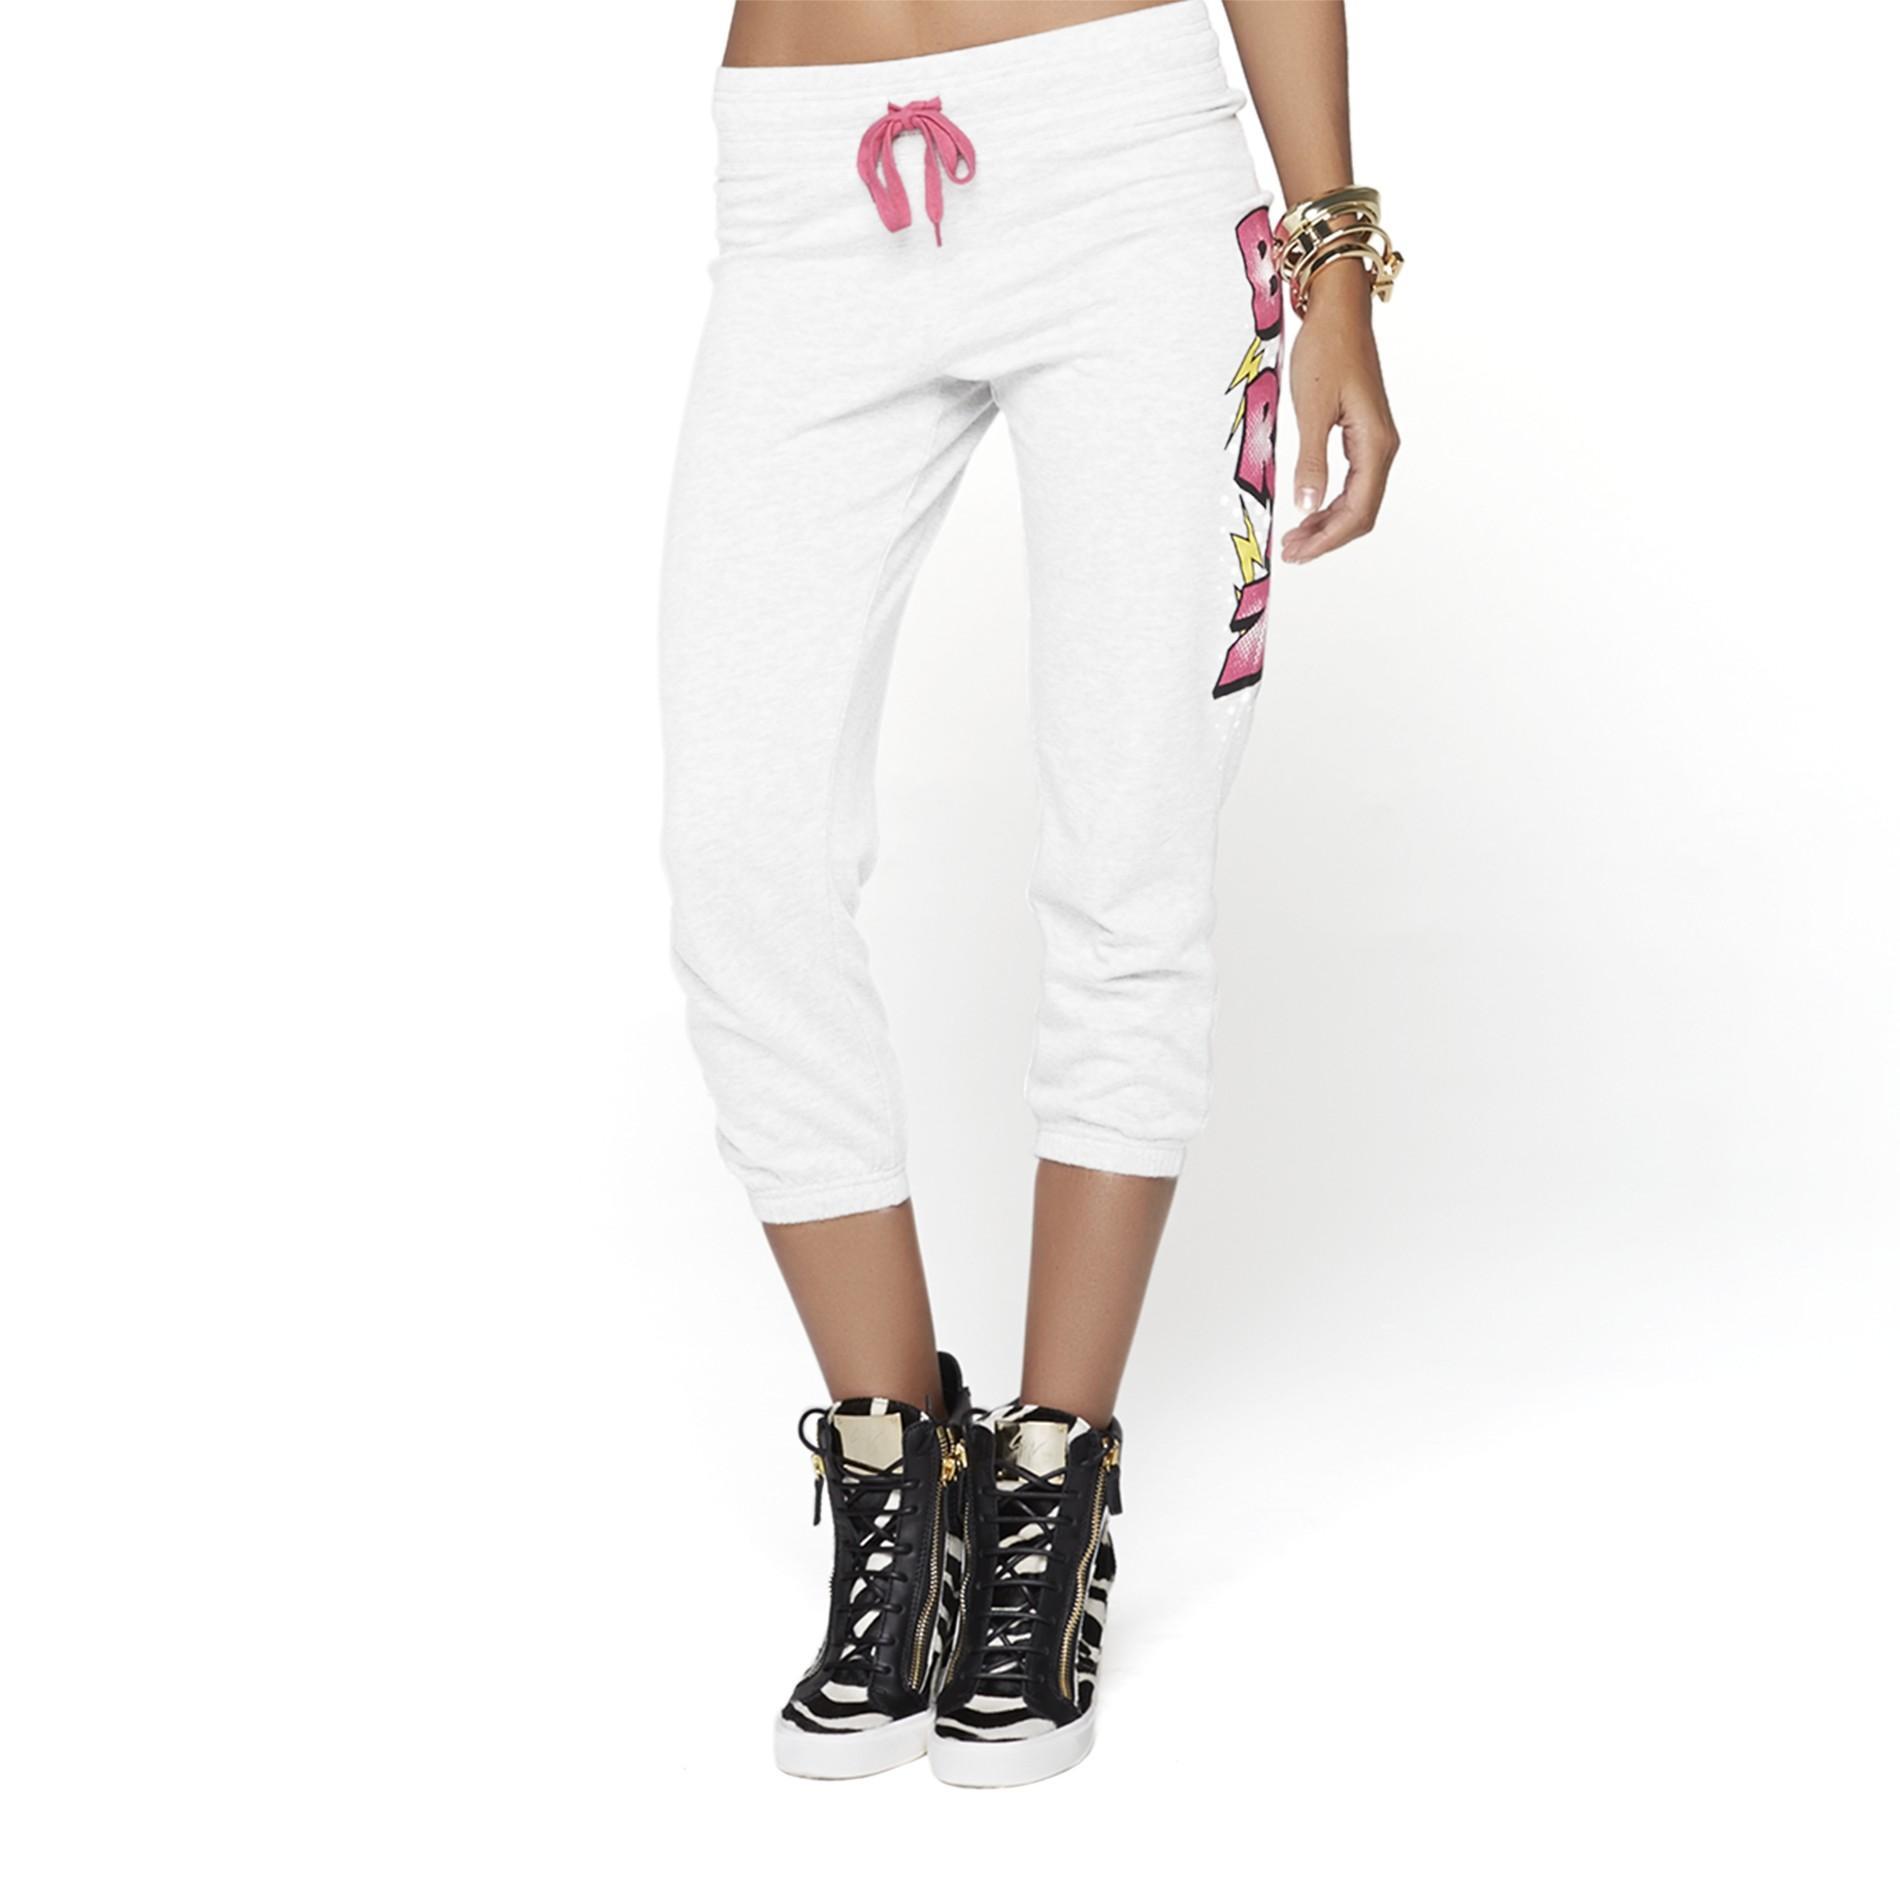 Nicki Minaj Women's Cropped Drawstring Pants